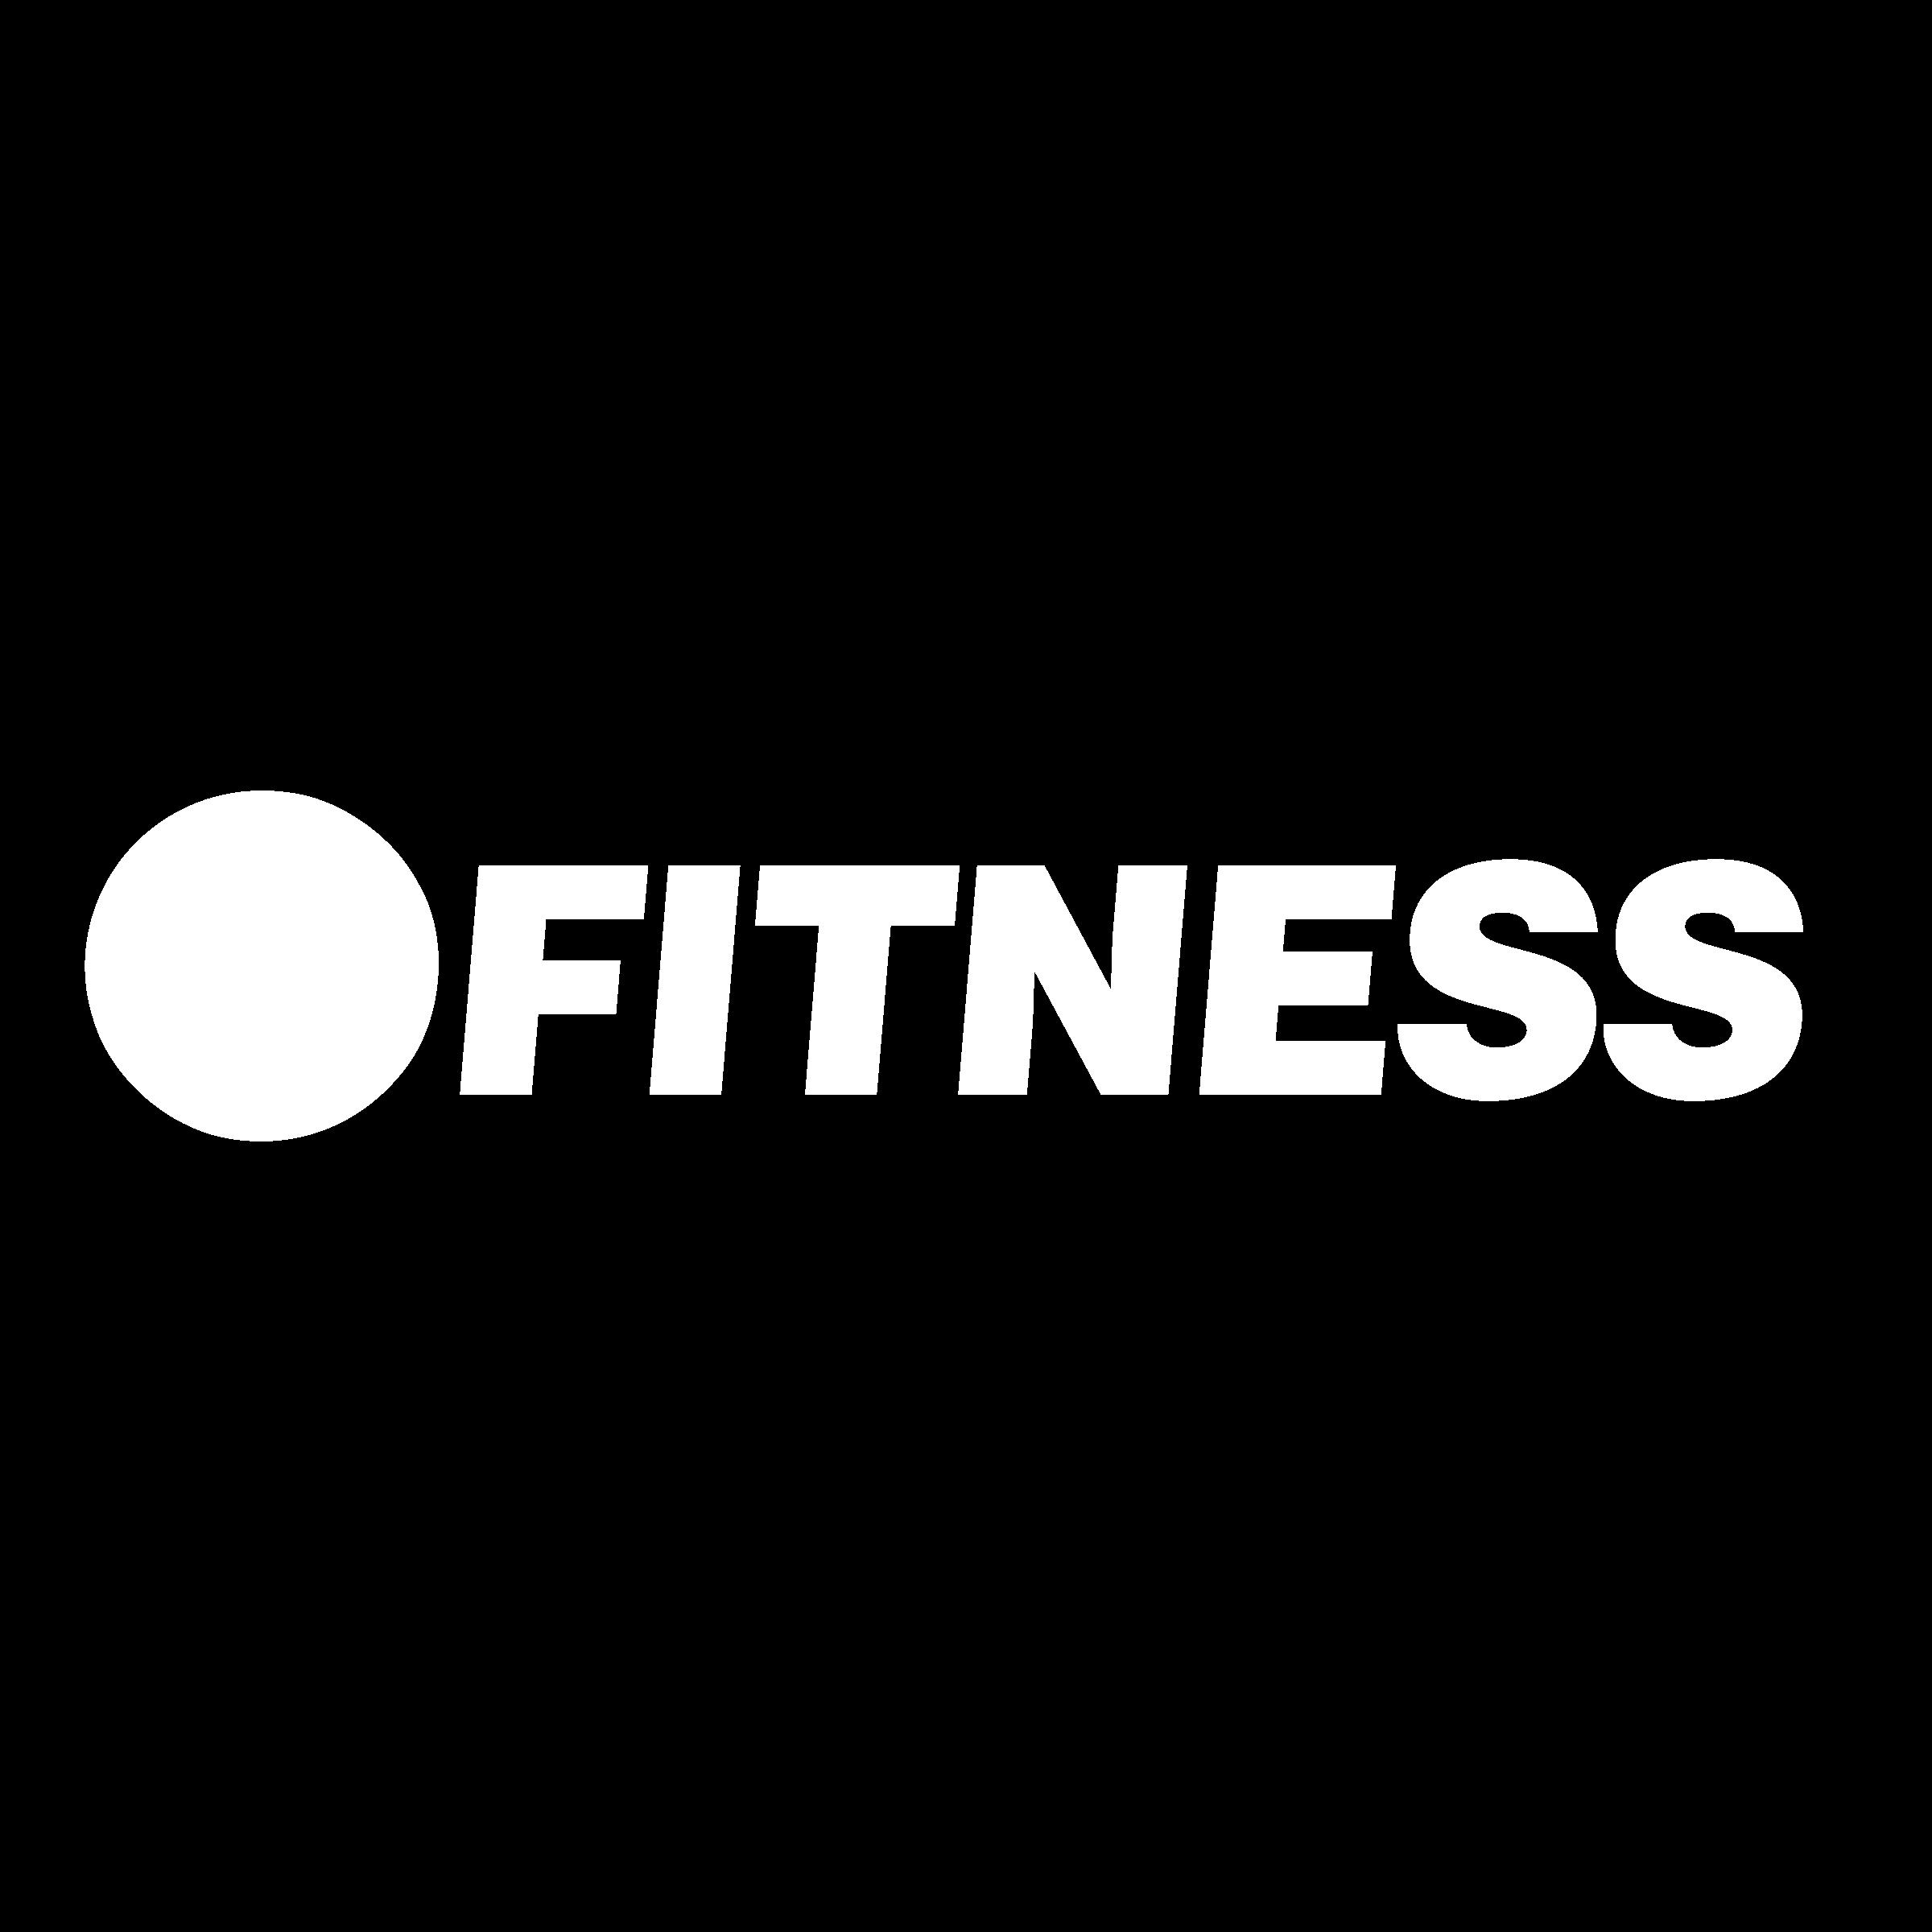 24 Hour Fitness Logo PNG Transparent & SVG Vector.